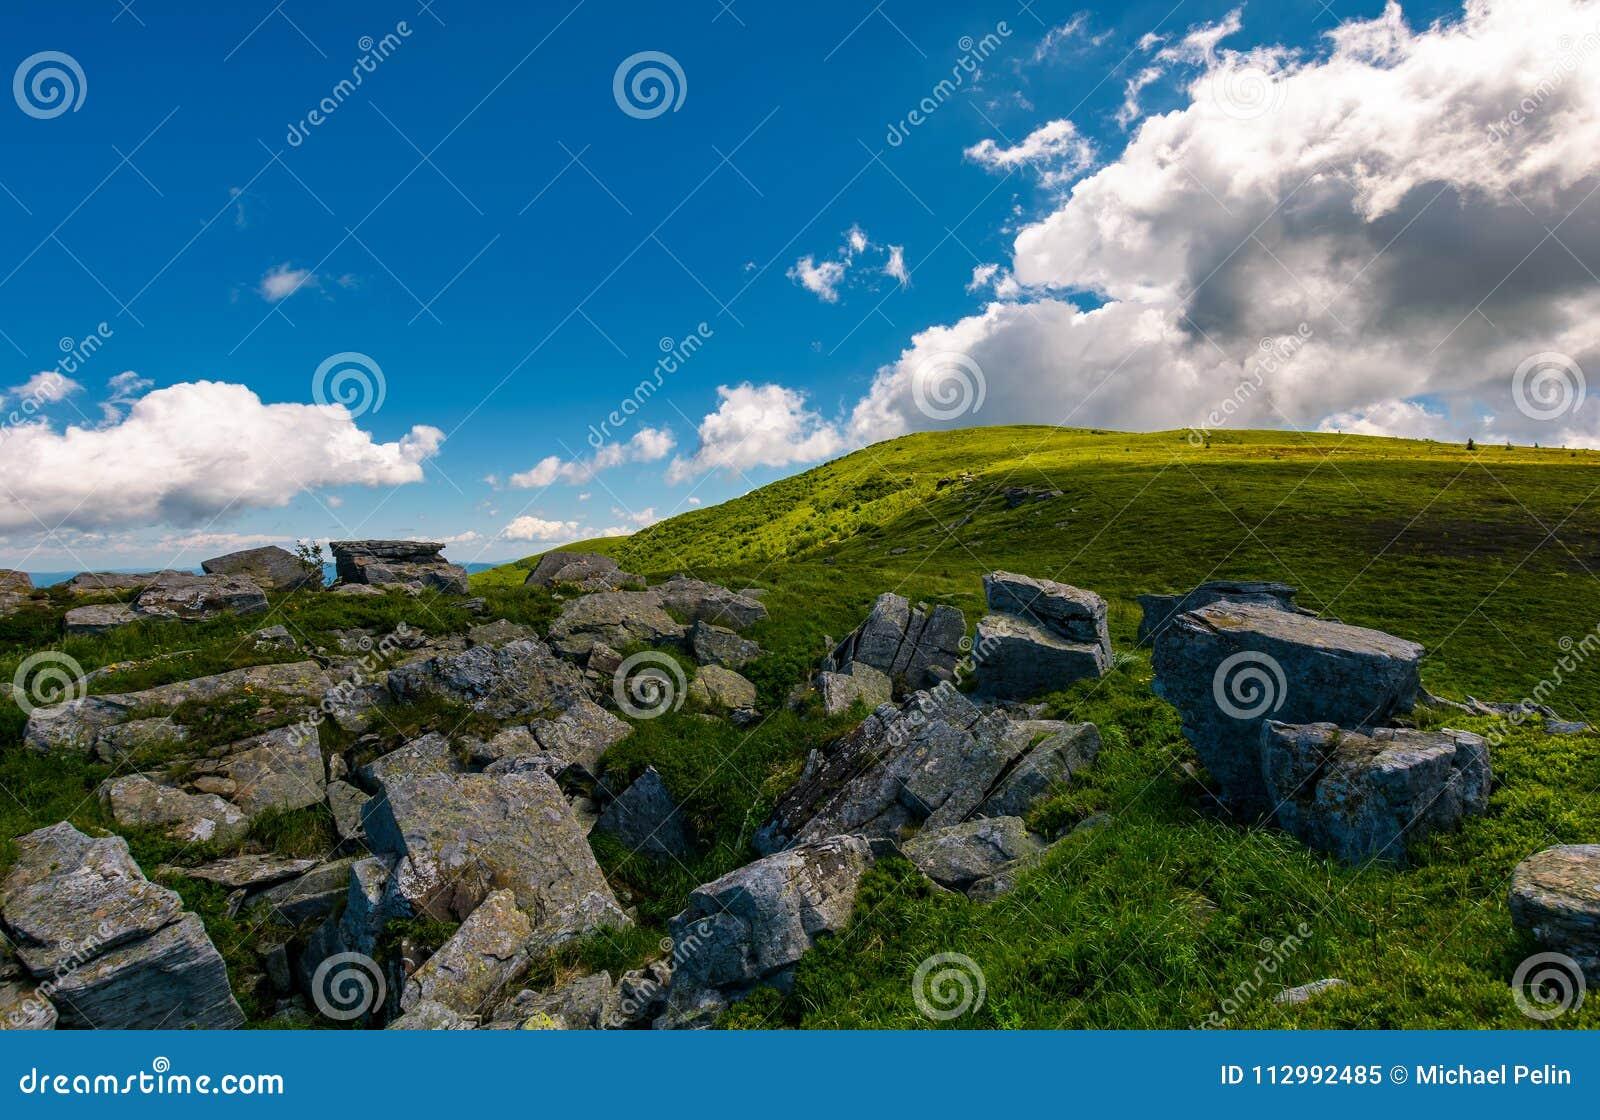 Giant boulder on the grassy hillside